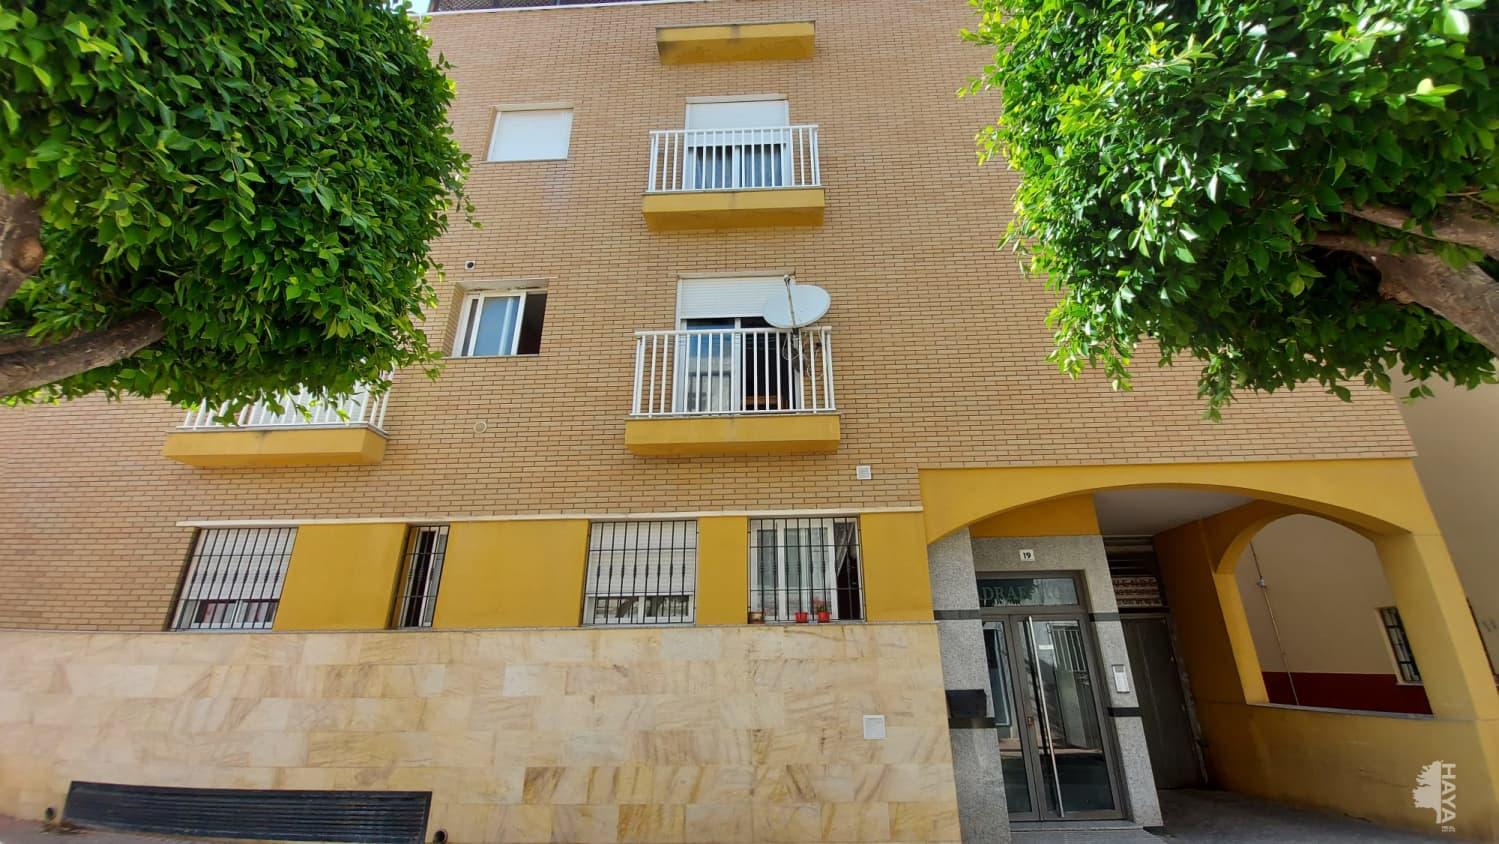 Piso en venta en Pampanico, El Ejido, Almería, Calle San Pedro (e), 48.400 €, 2 habitaciones, 1 baño, 73 m2